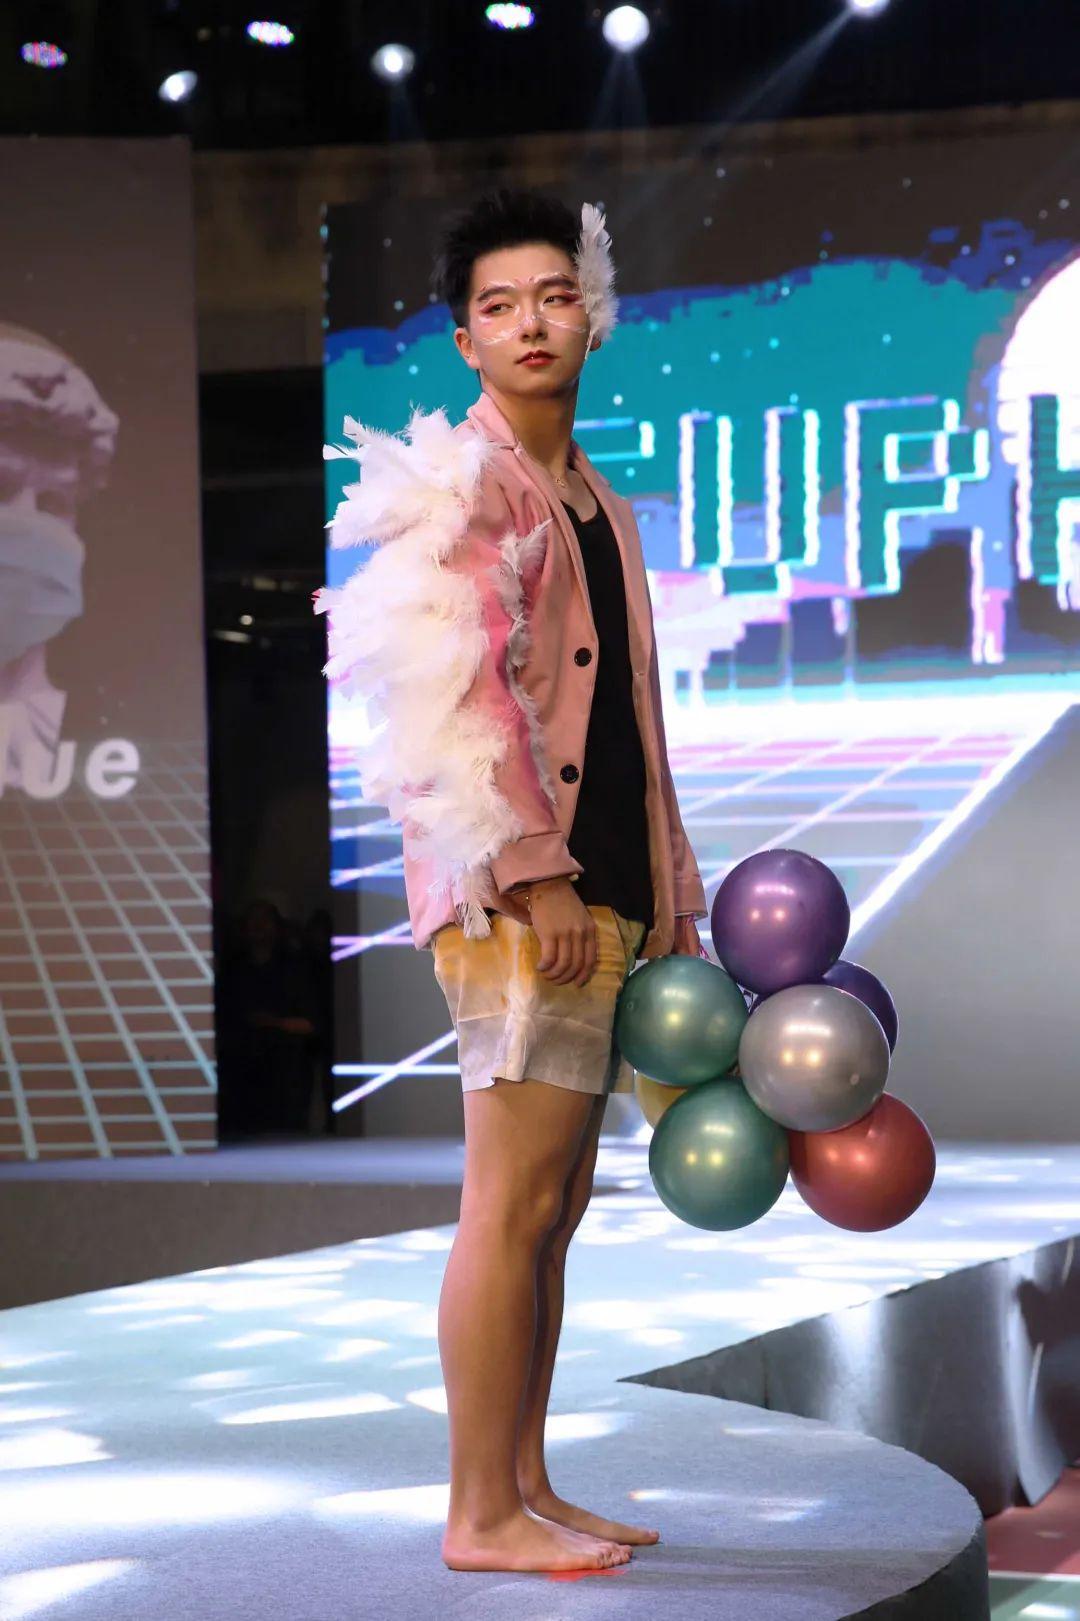 深国交2021 Fashion Show - 校园活动 疫情之下的时尚  深国交 深圳国际交流学院 第16张